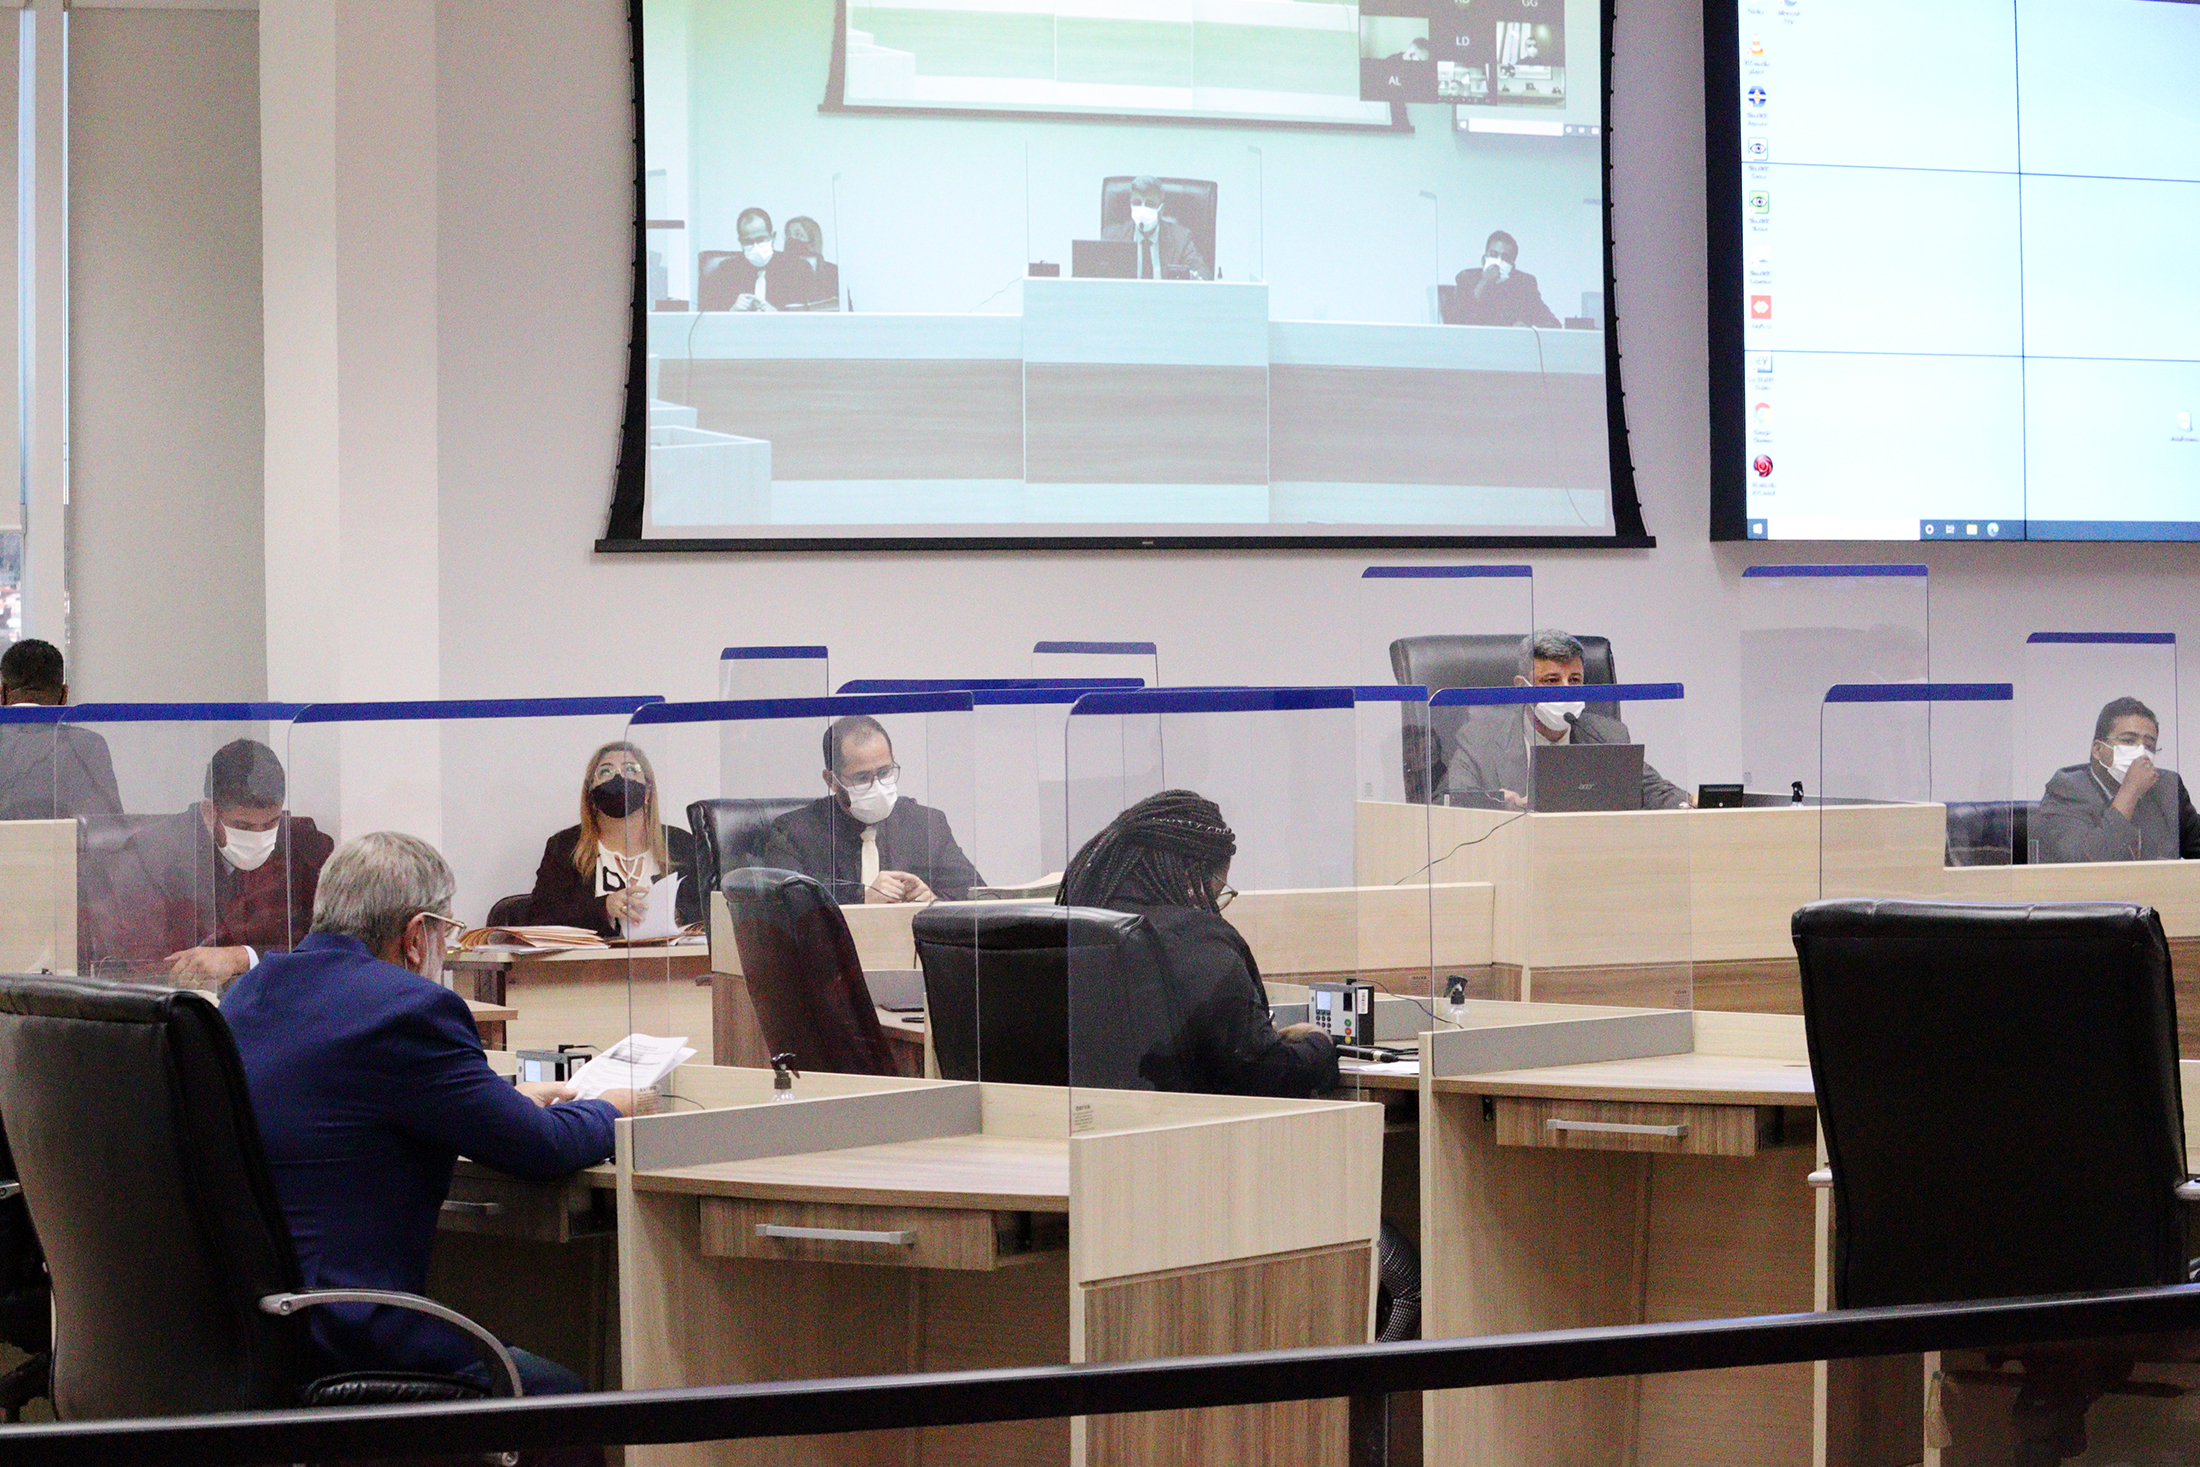 Câmara amplia protocolos de segurança contra a Covid-19